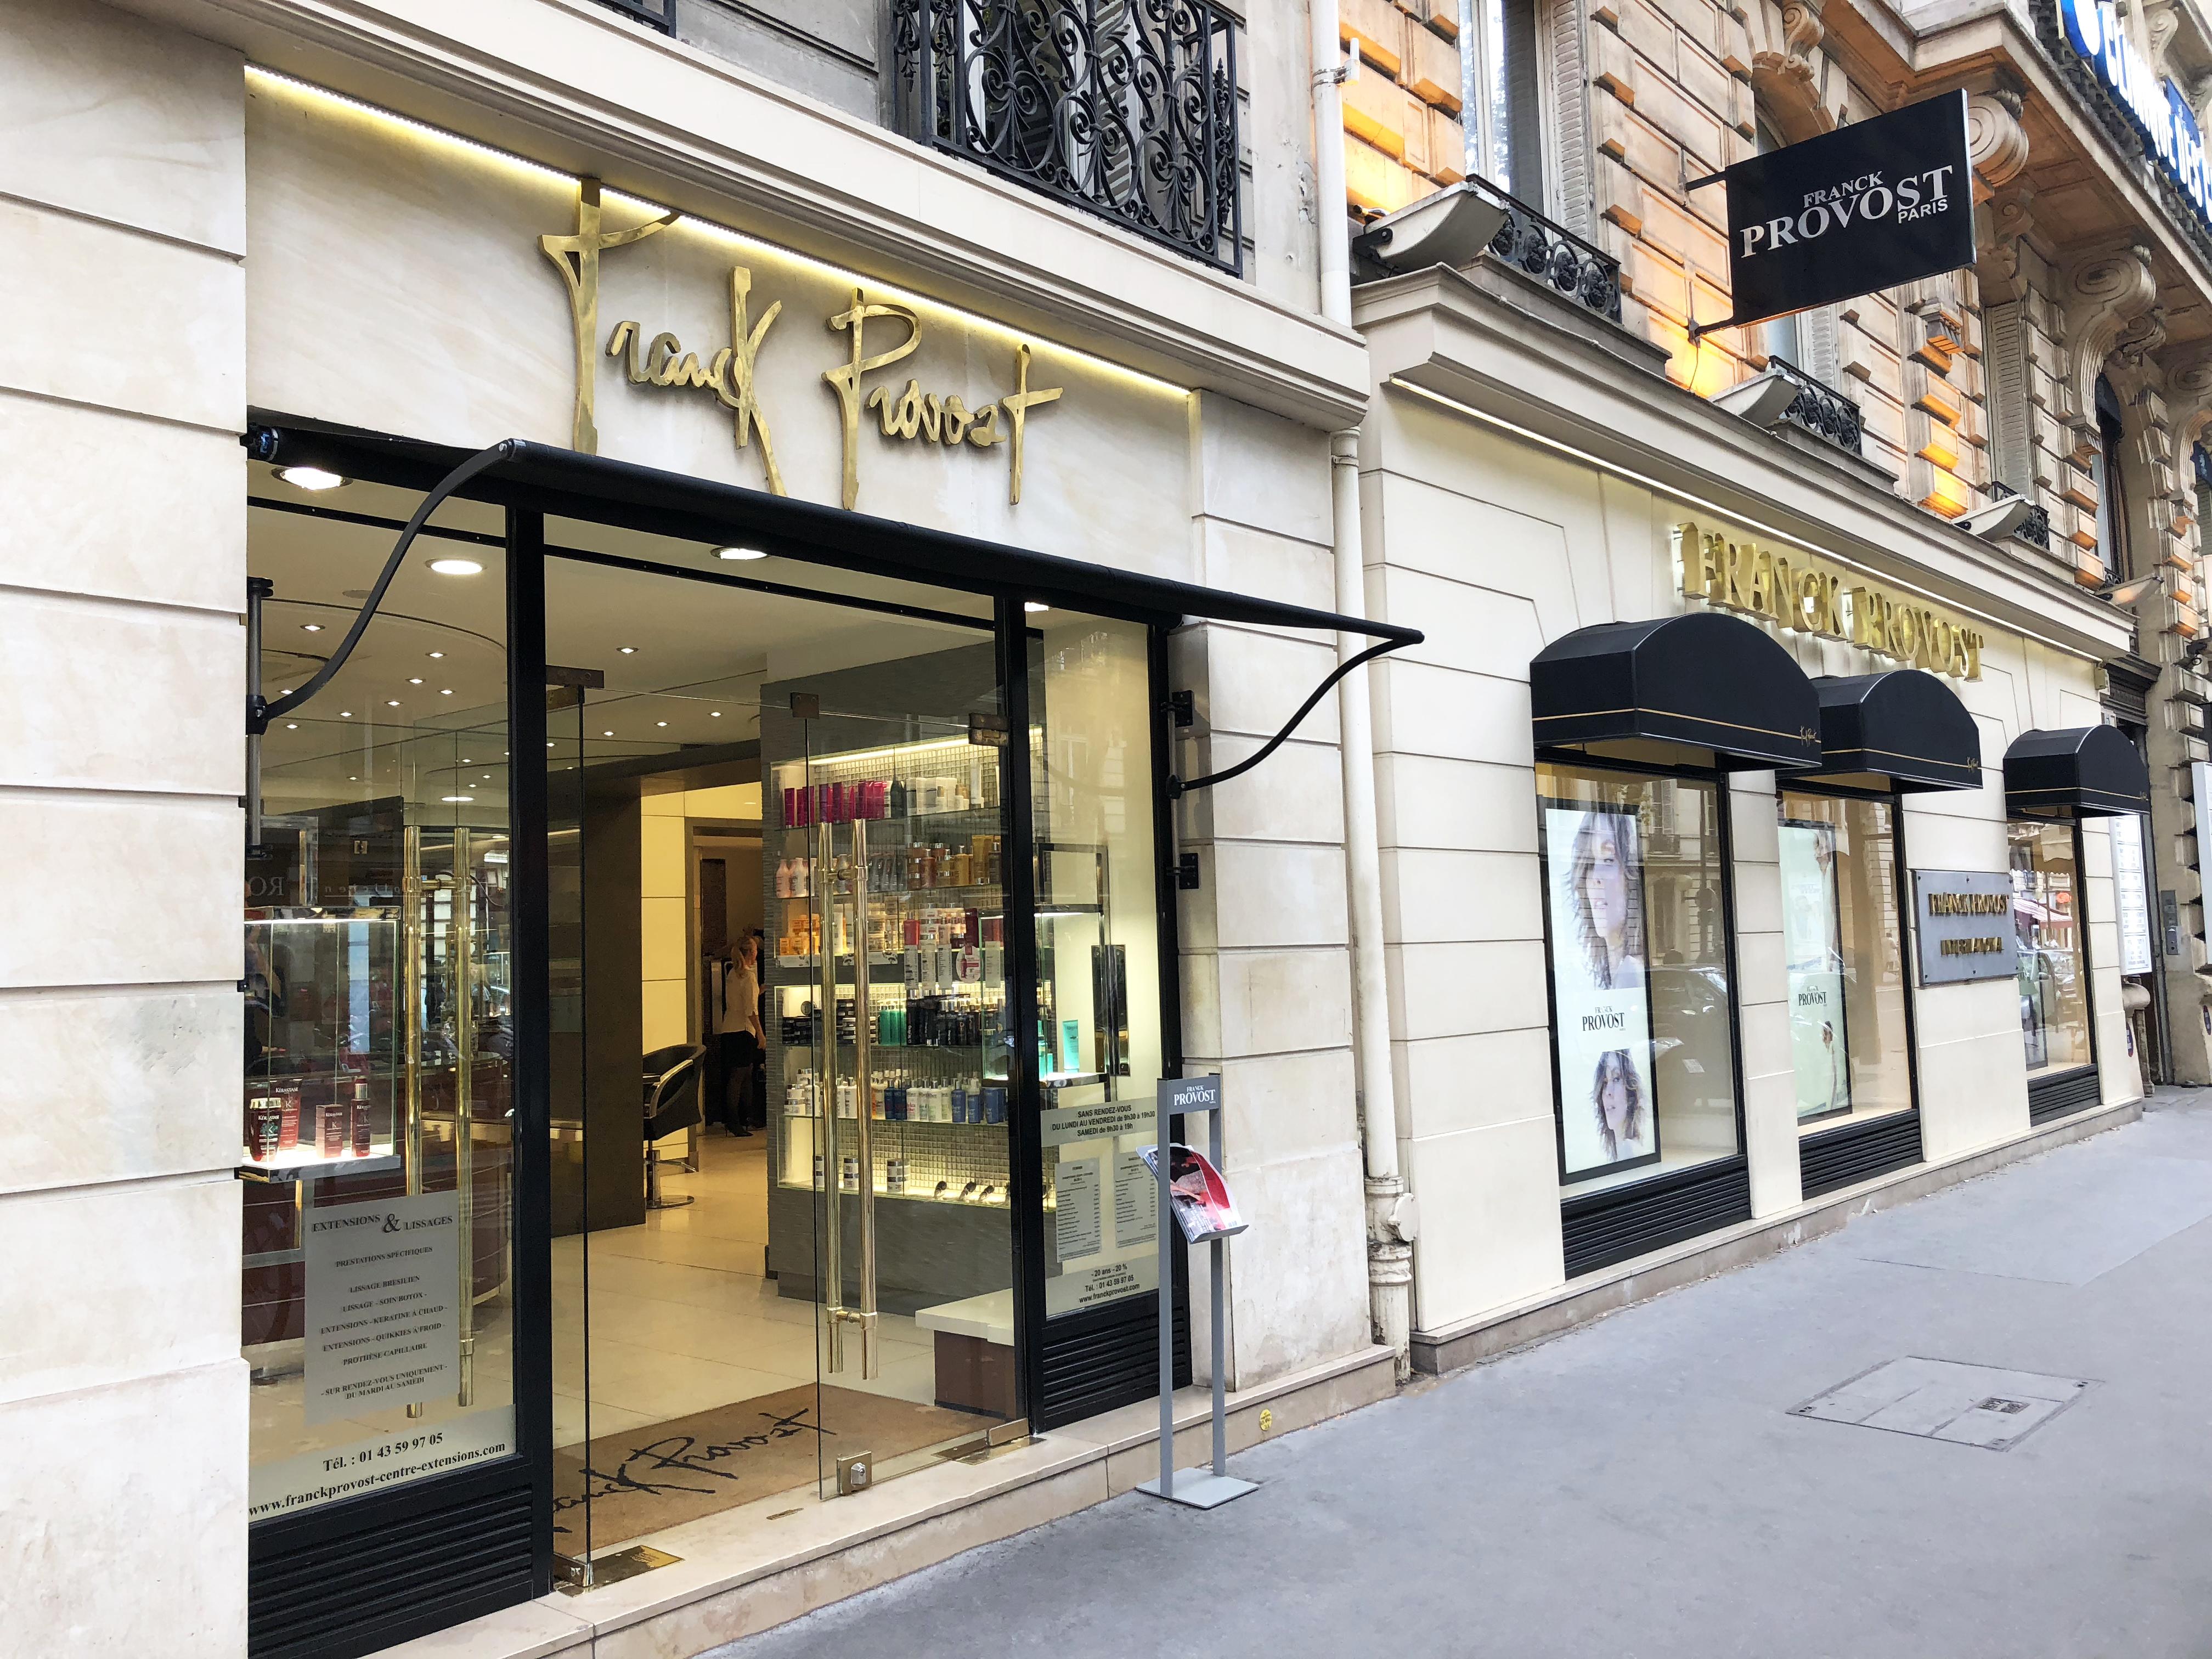 A Franck Provost salon